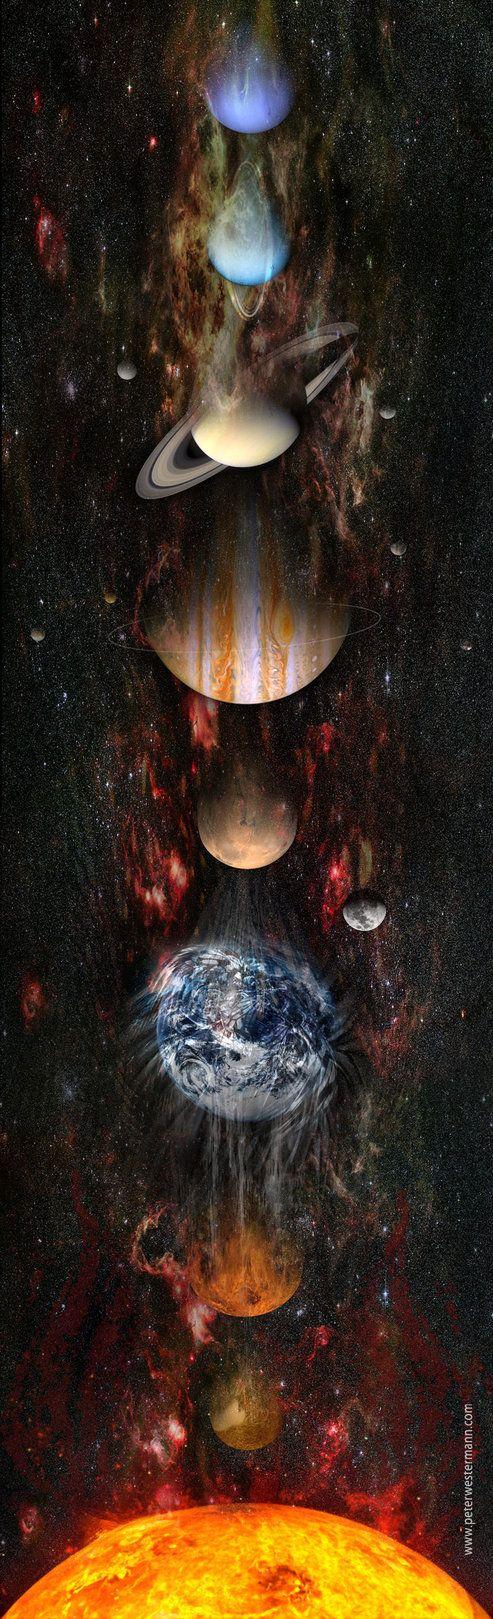 Nosso sistema solar visto a olho nu kk